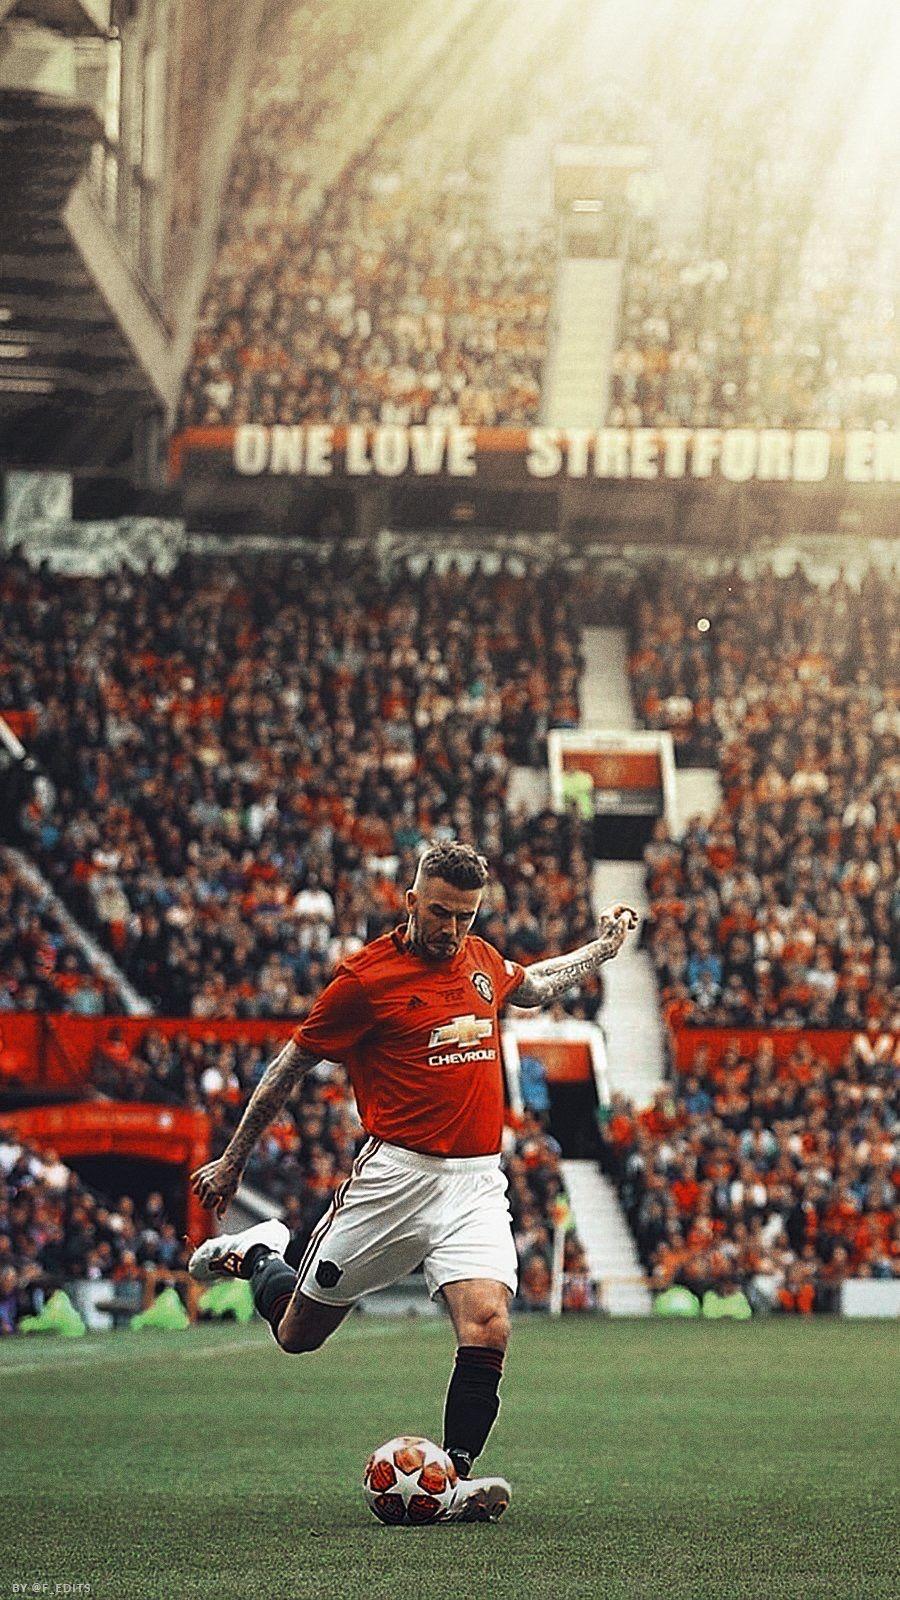 David Beckham David Beckham Wallpaper Manchester United Team David Beckham Manchester United